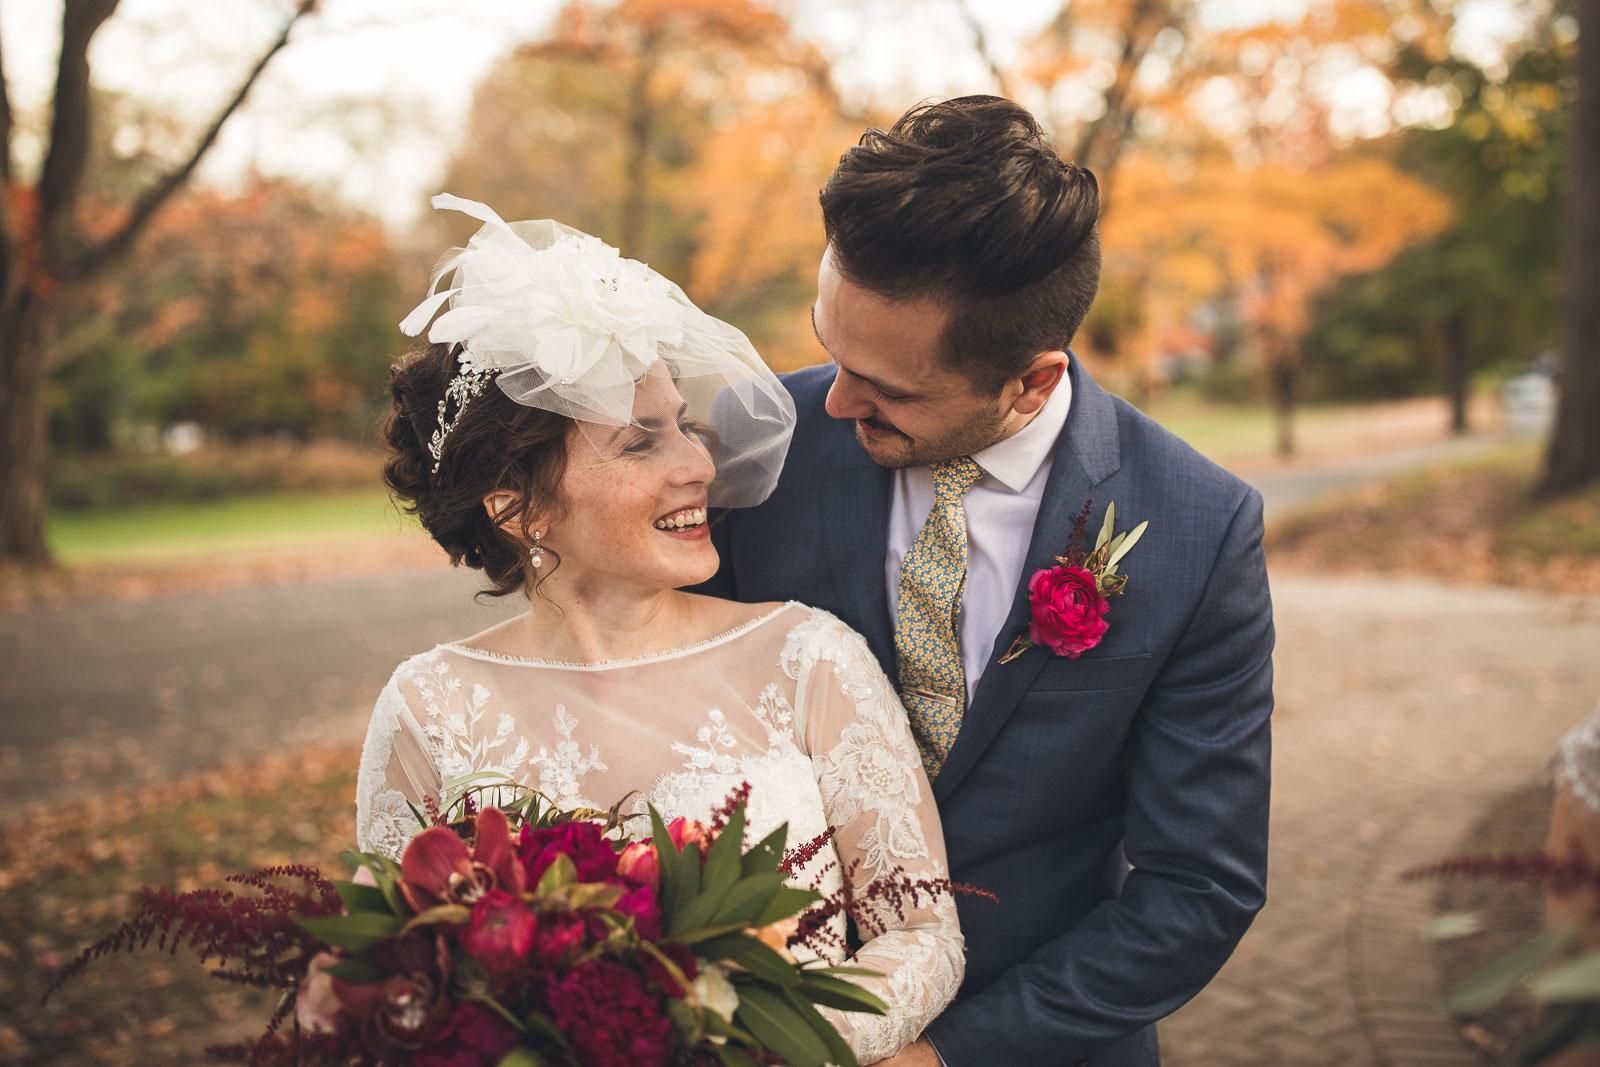 Wedding Photography Orange Lawn Tennis Club